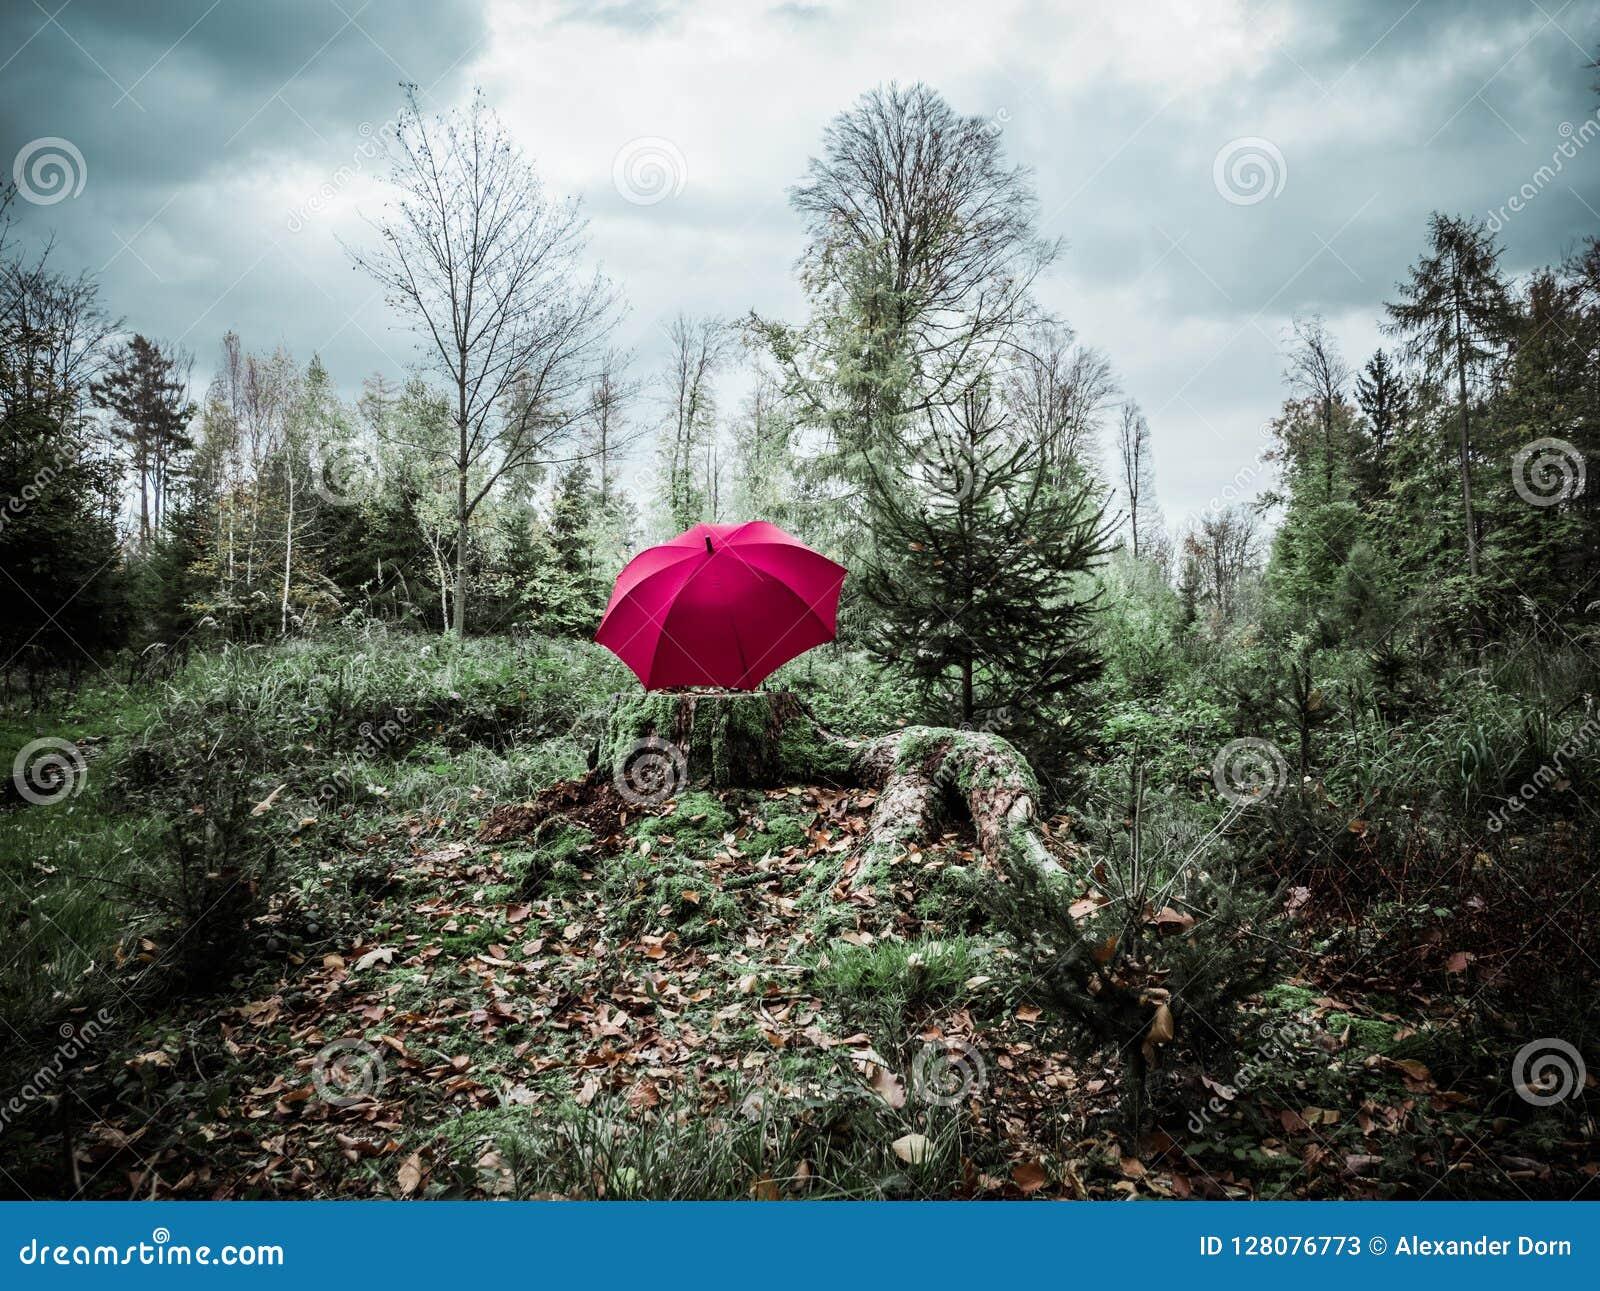 Imagen del paraguas rosáceo rojo en un tronco en el bosque